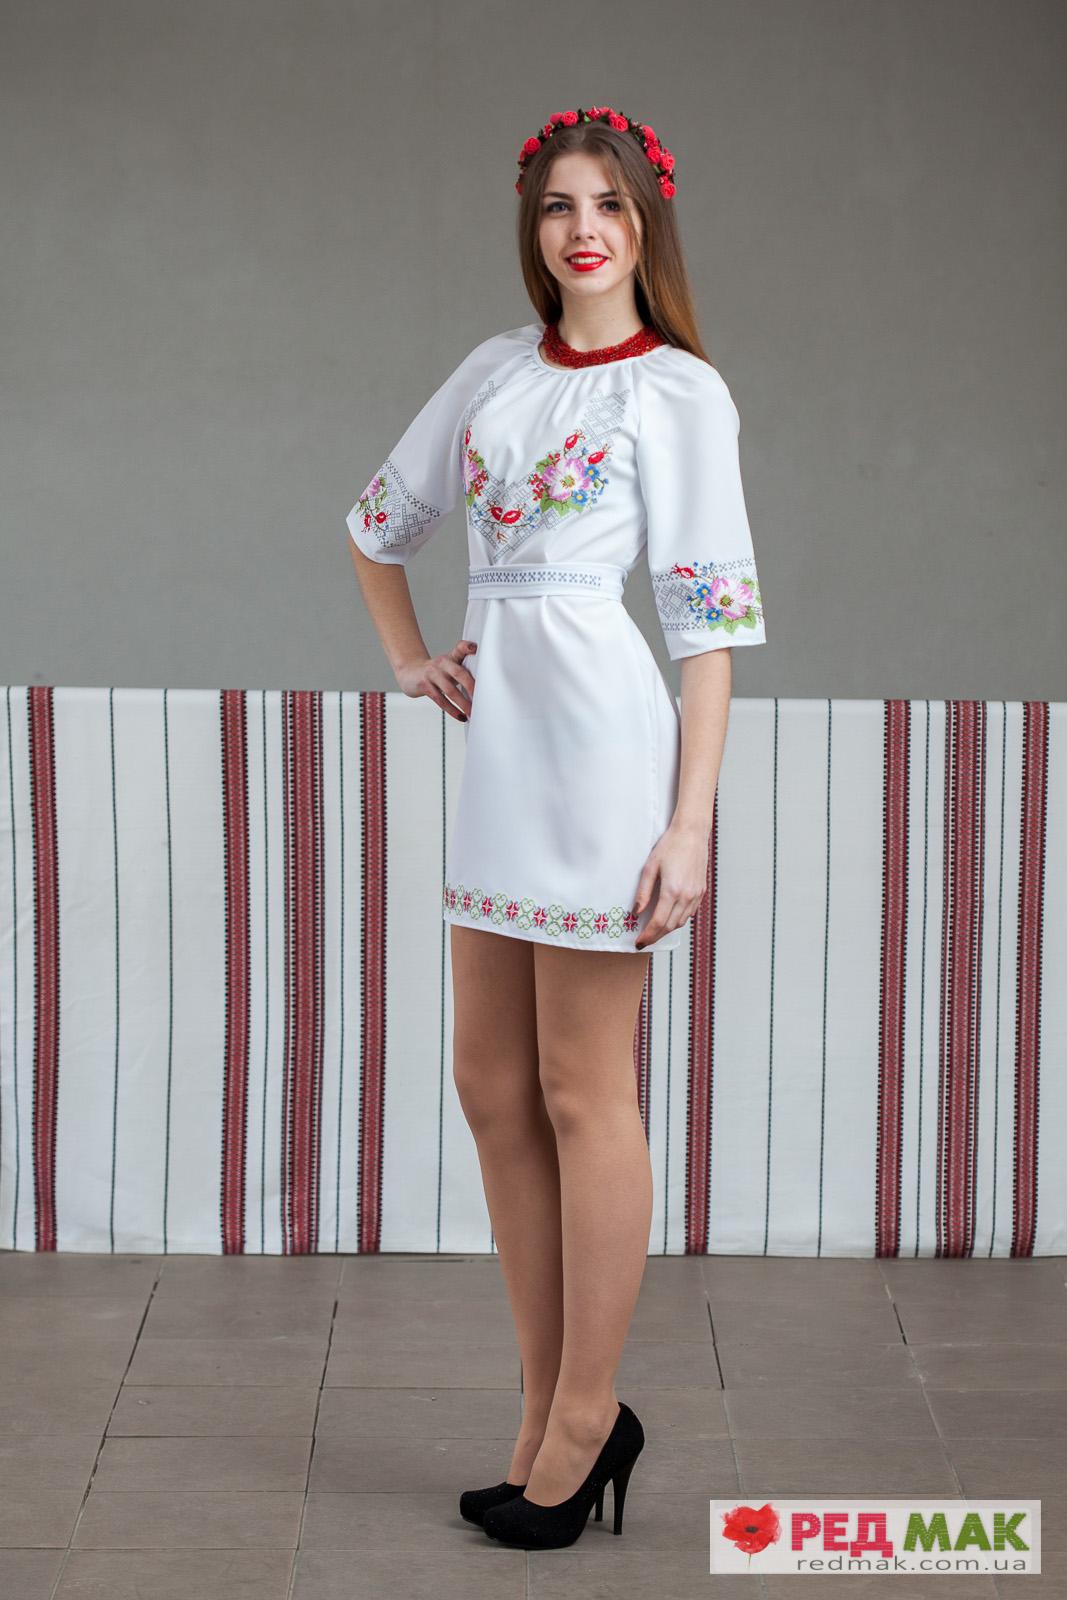 Біле плаття з поясом та квітковою-геометричною вишивкою